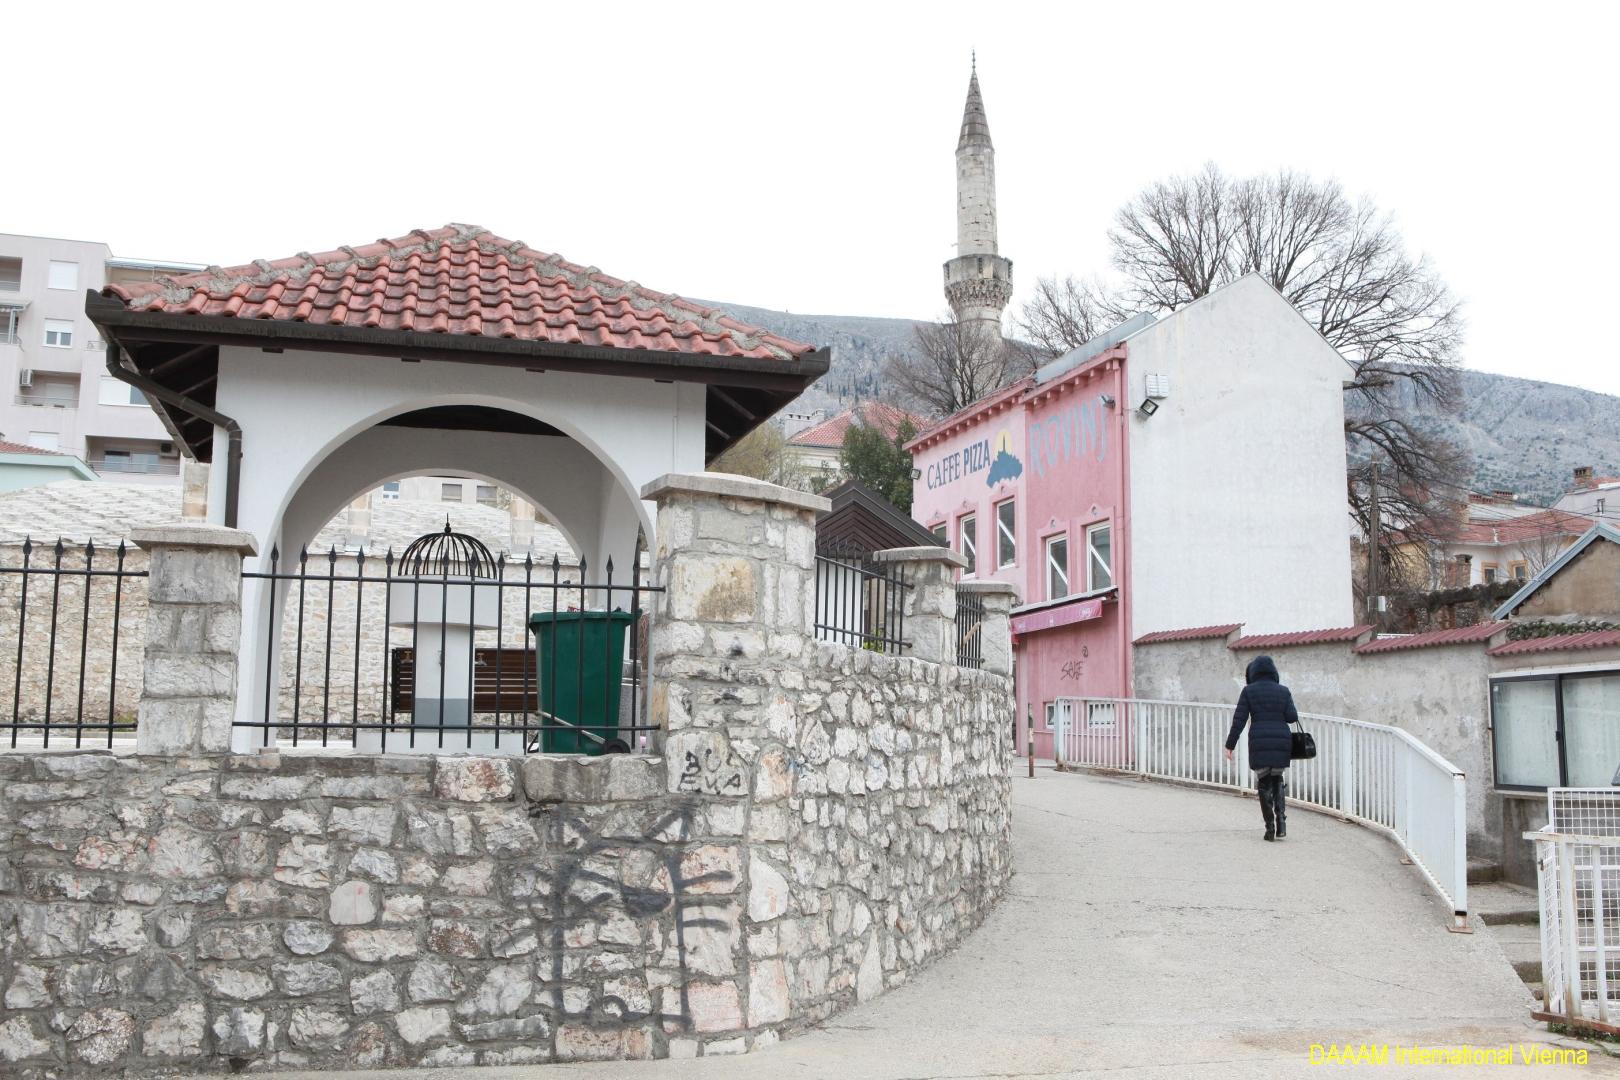 DAAAM_2016_Mostar_01_Magic_City_of_Mostar_122